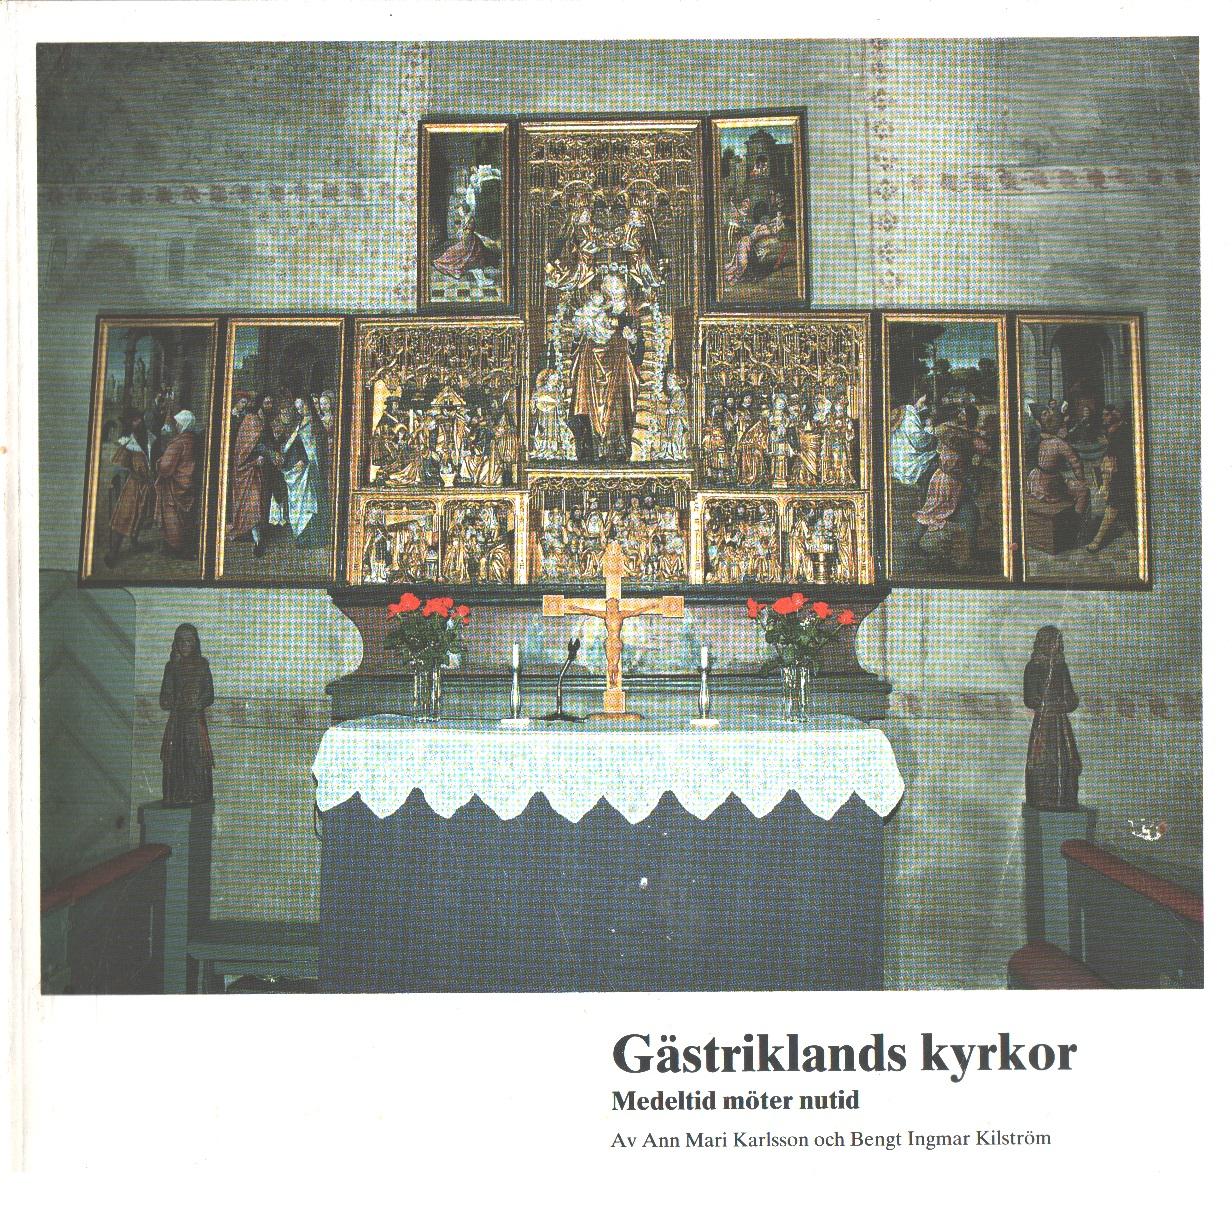 Gästriklands kyrkor : medeltid möter nutid - Karlsson, Ann Mari  och Kilström, Bengt Ingmar